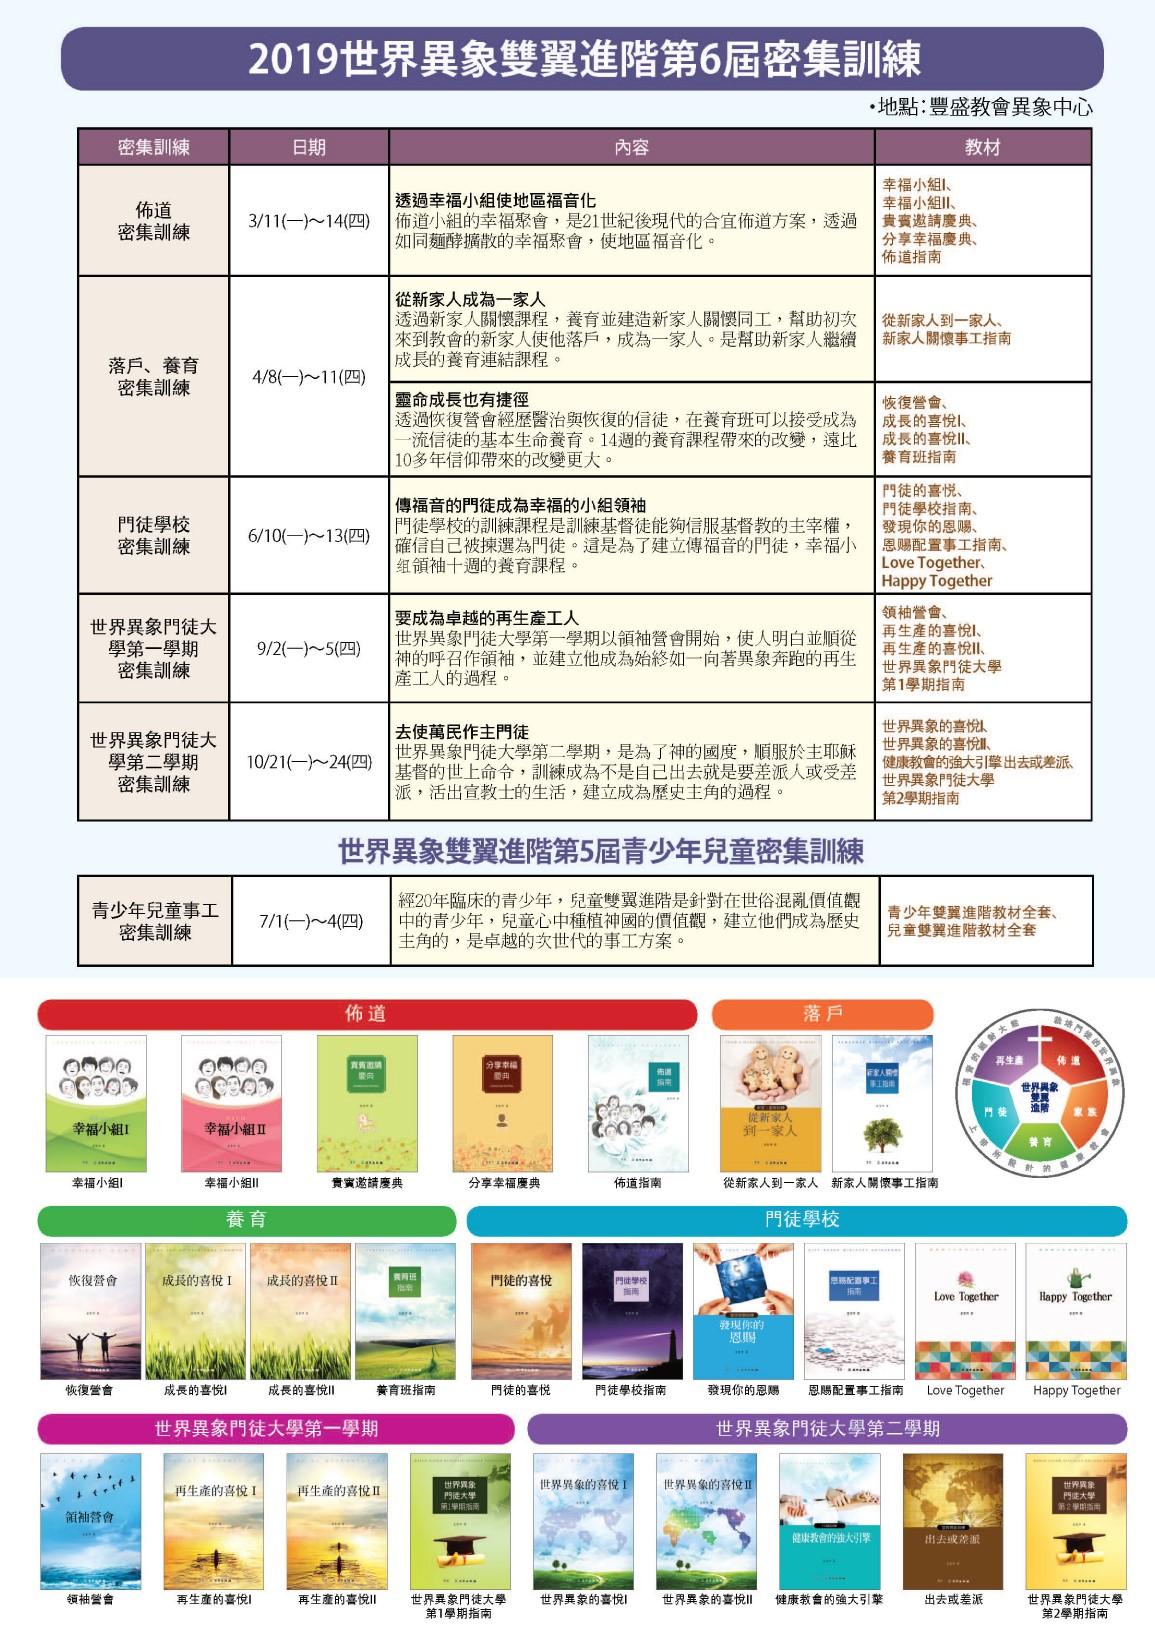 181025-2019컨-포스터_중국어2